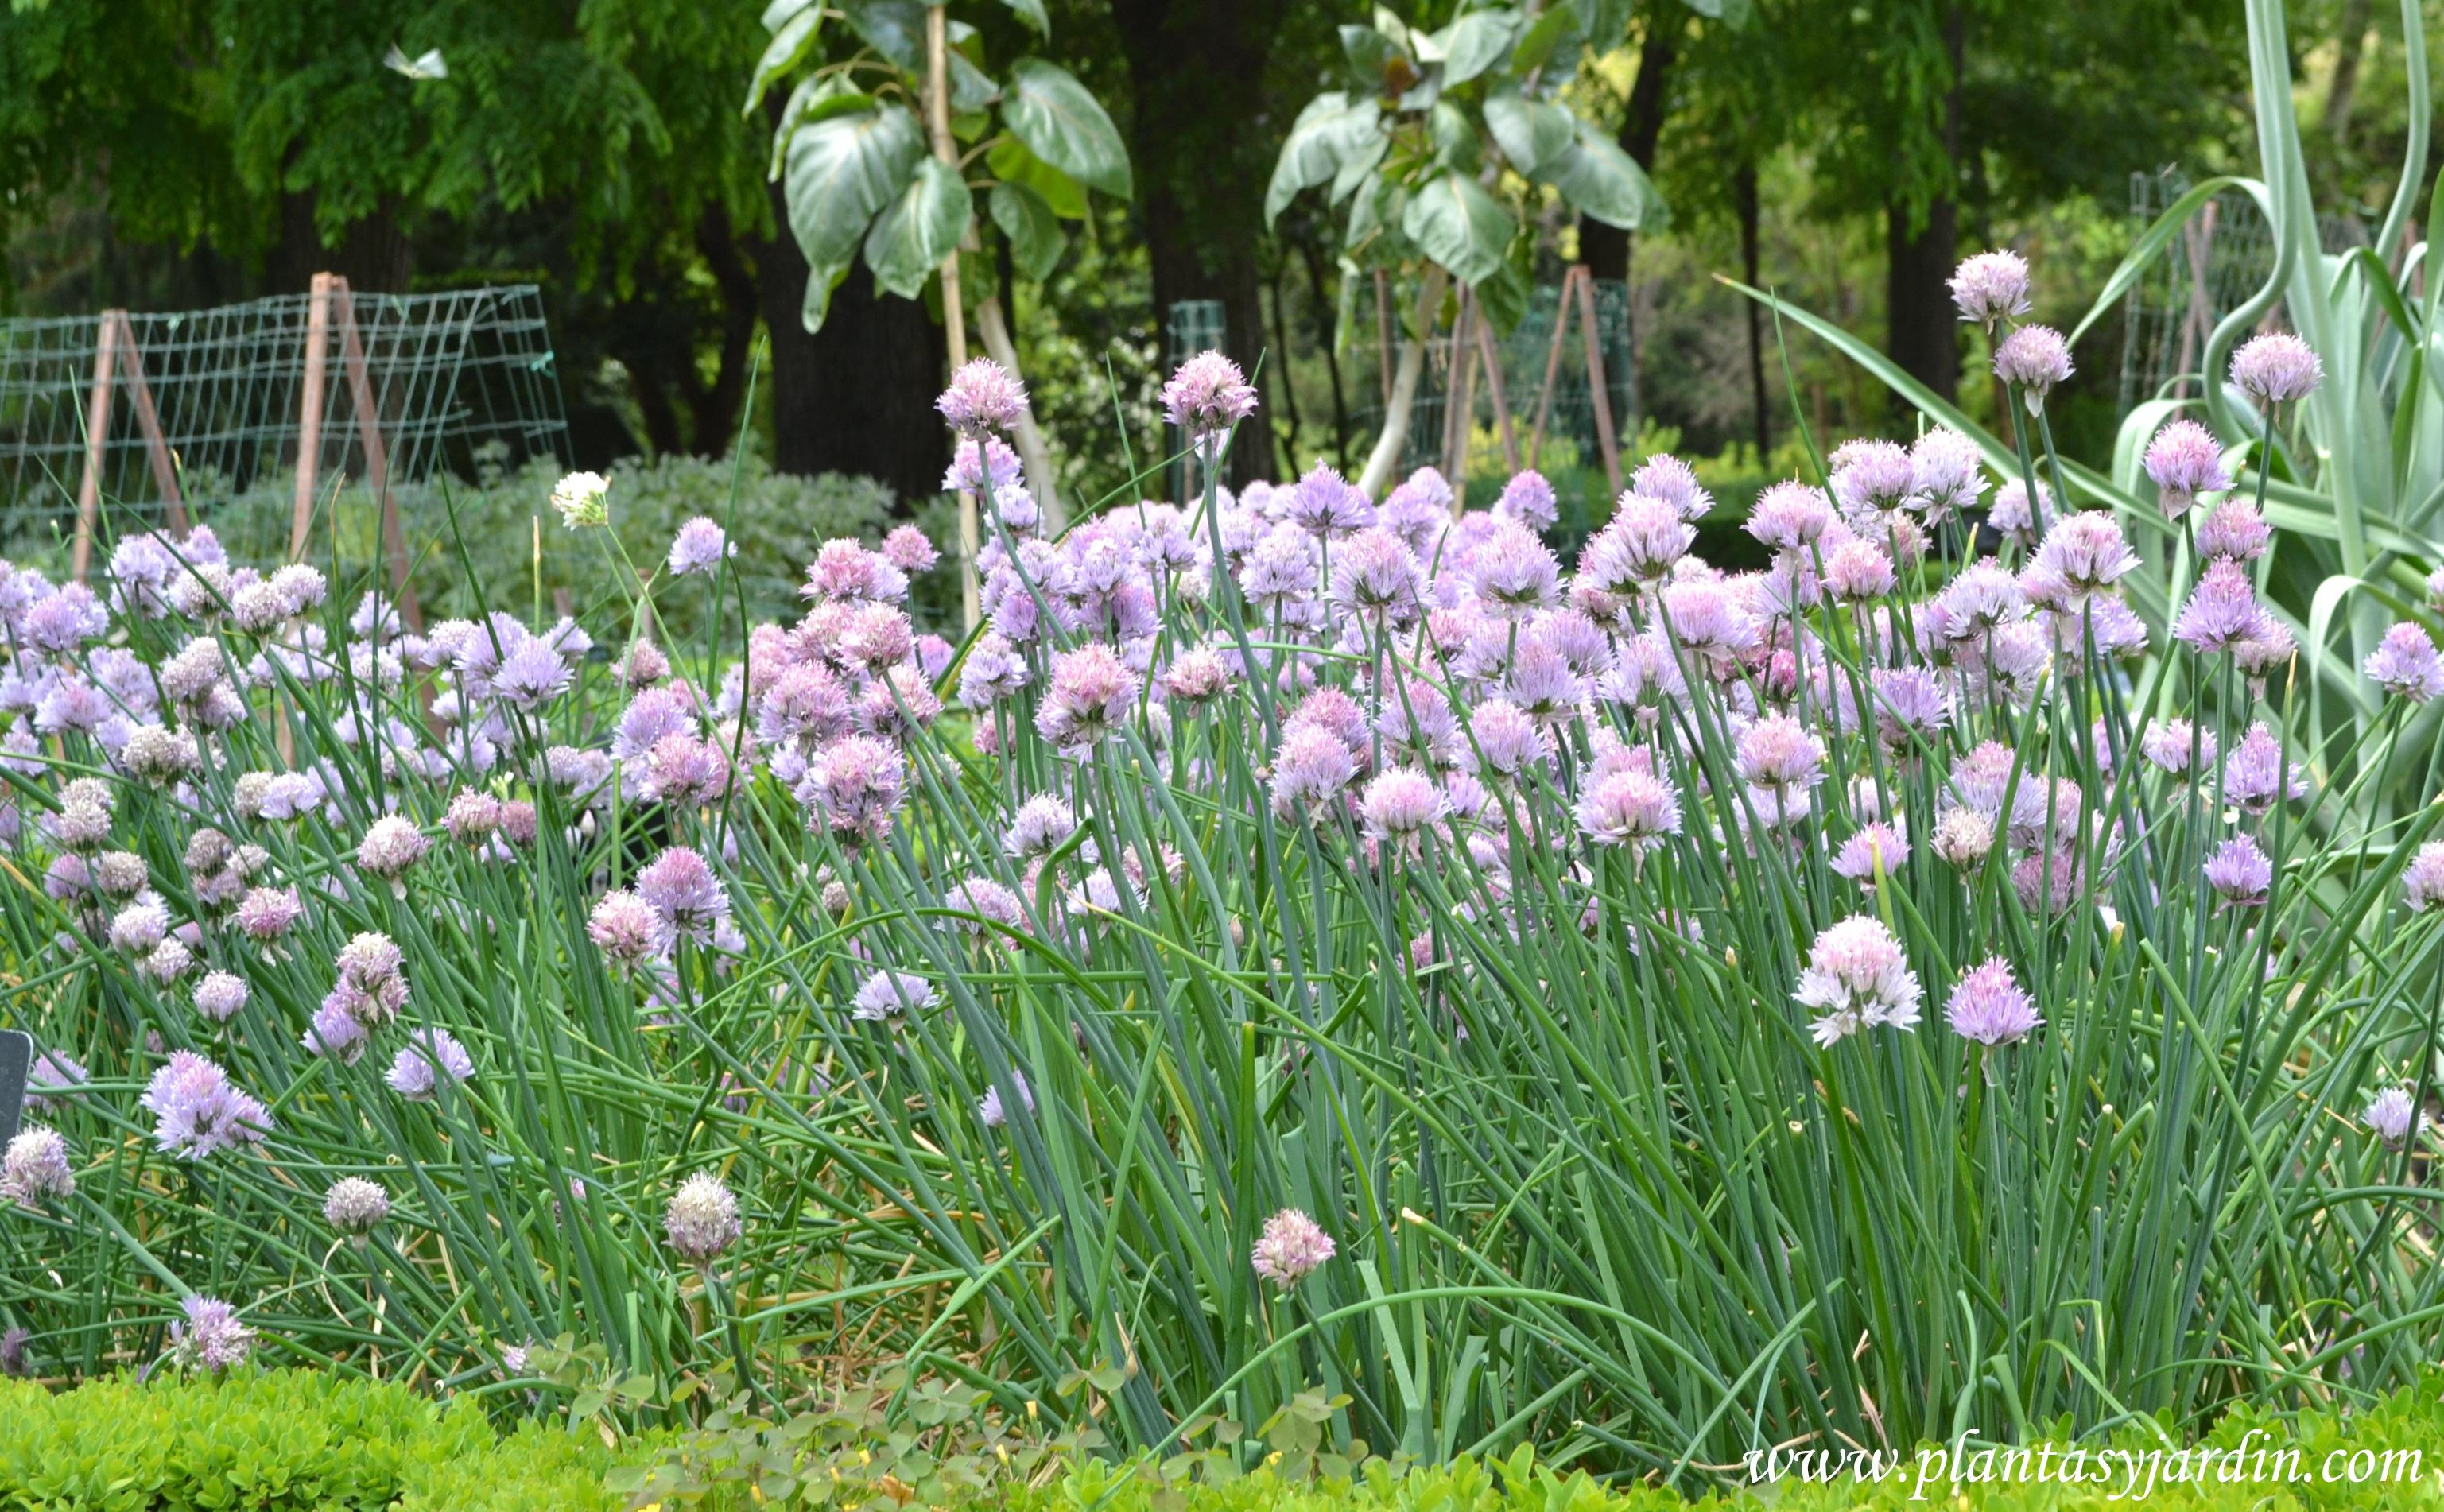 Allium schoenoprasum-Cebollino francés-Ciboulette, con flores dispuestas en pequeñas umbelas de color rosa violáceo.